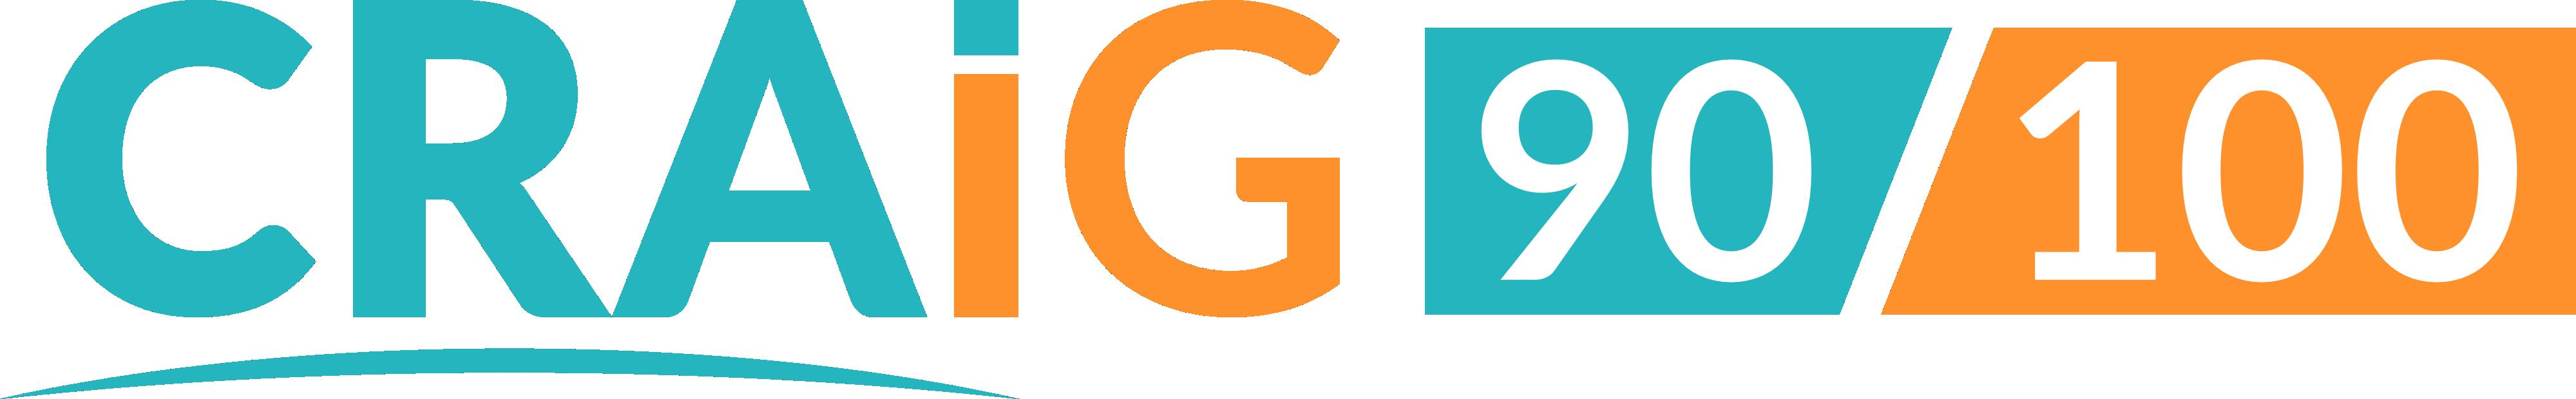 craig 90/1000 logo